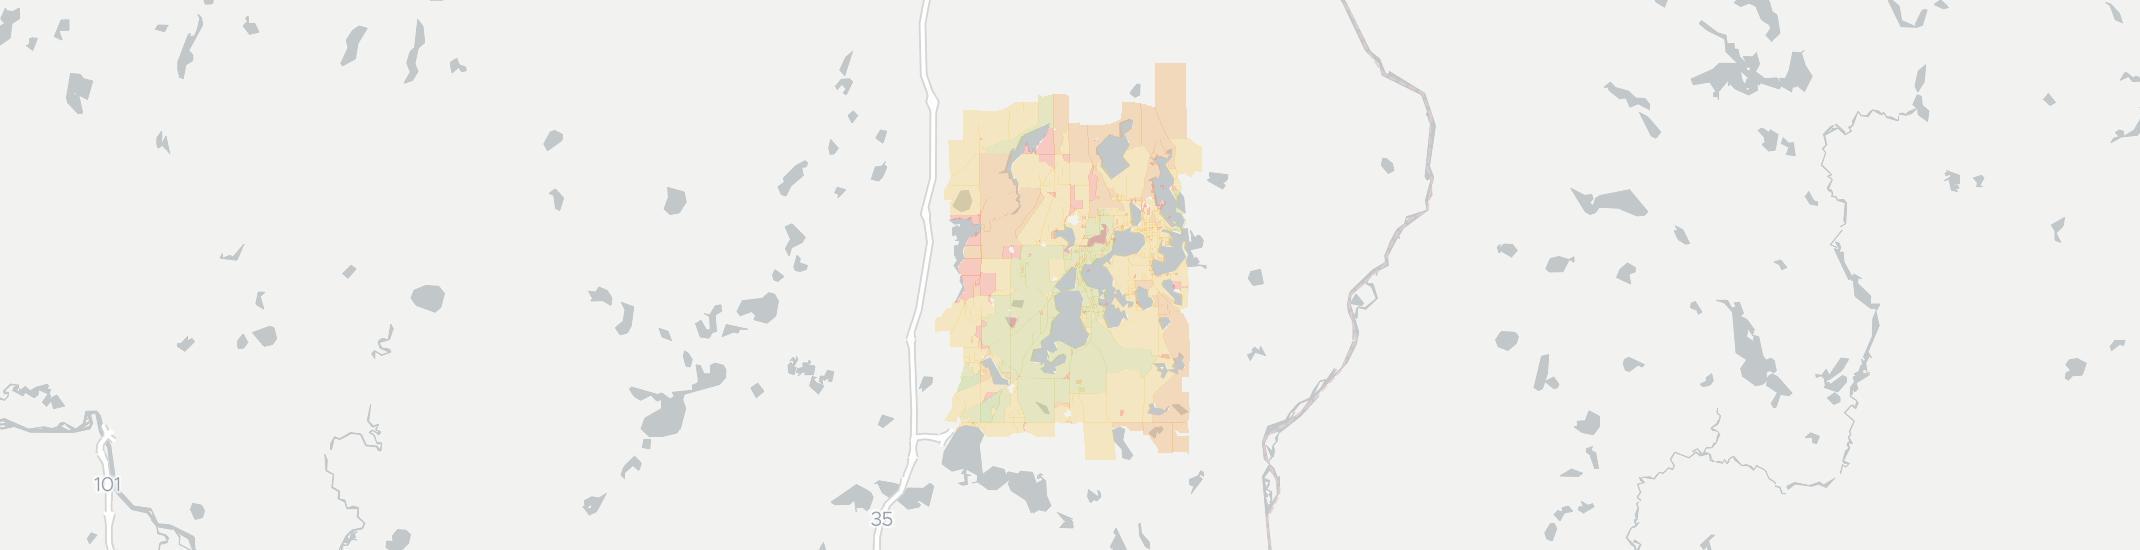 Zayo Fiber Network Map